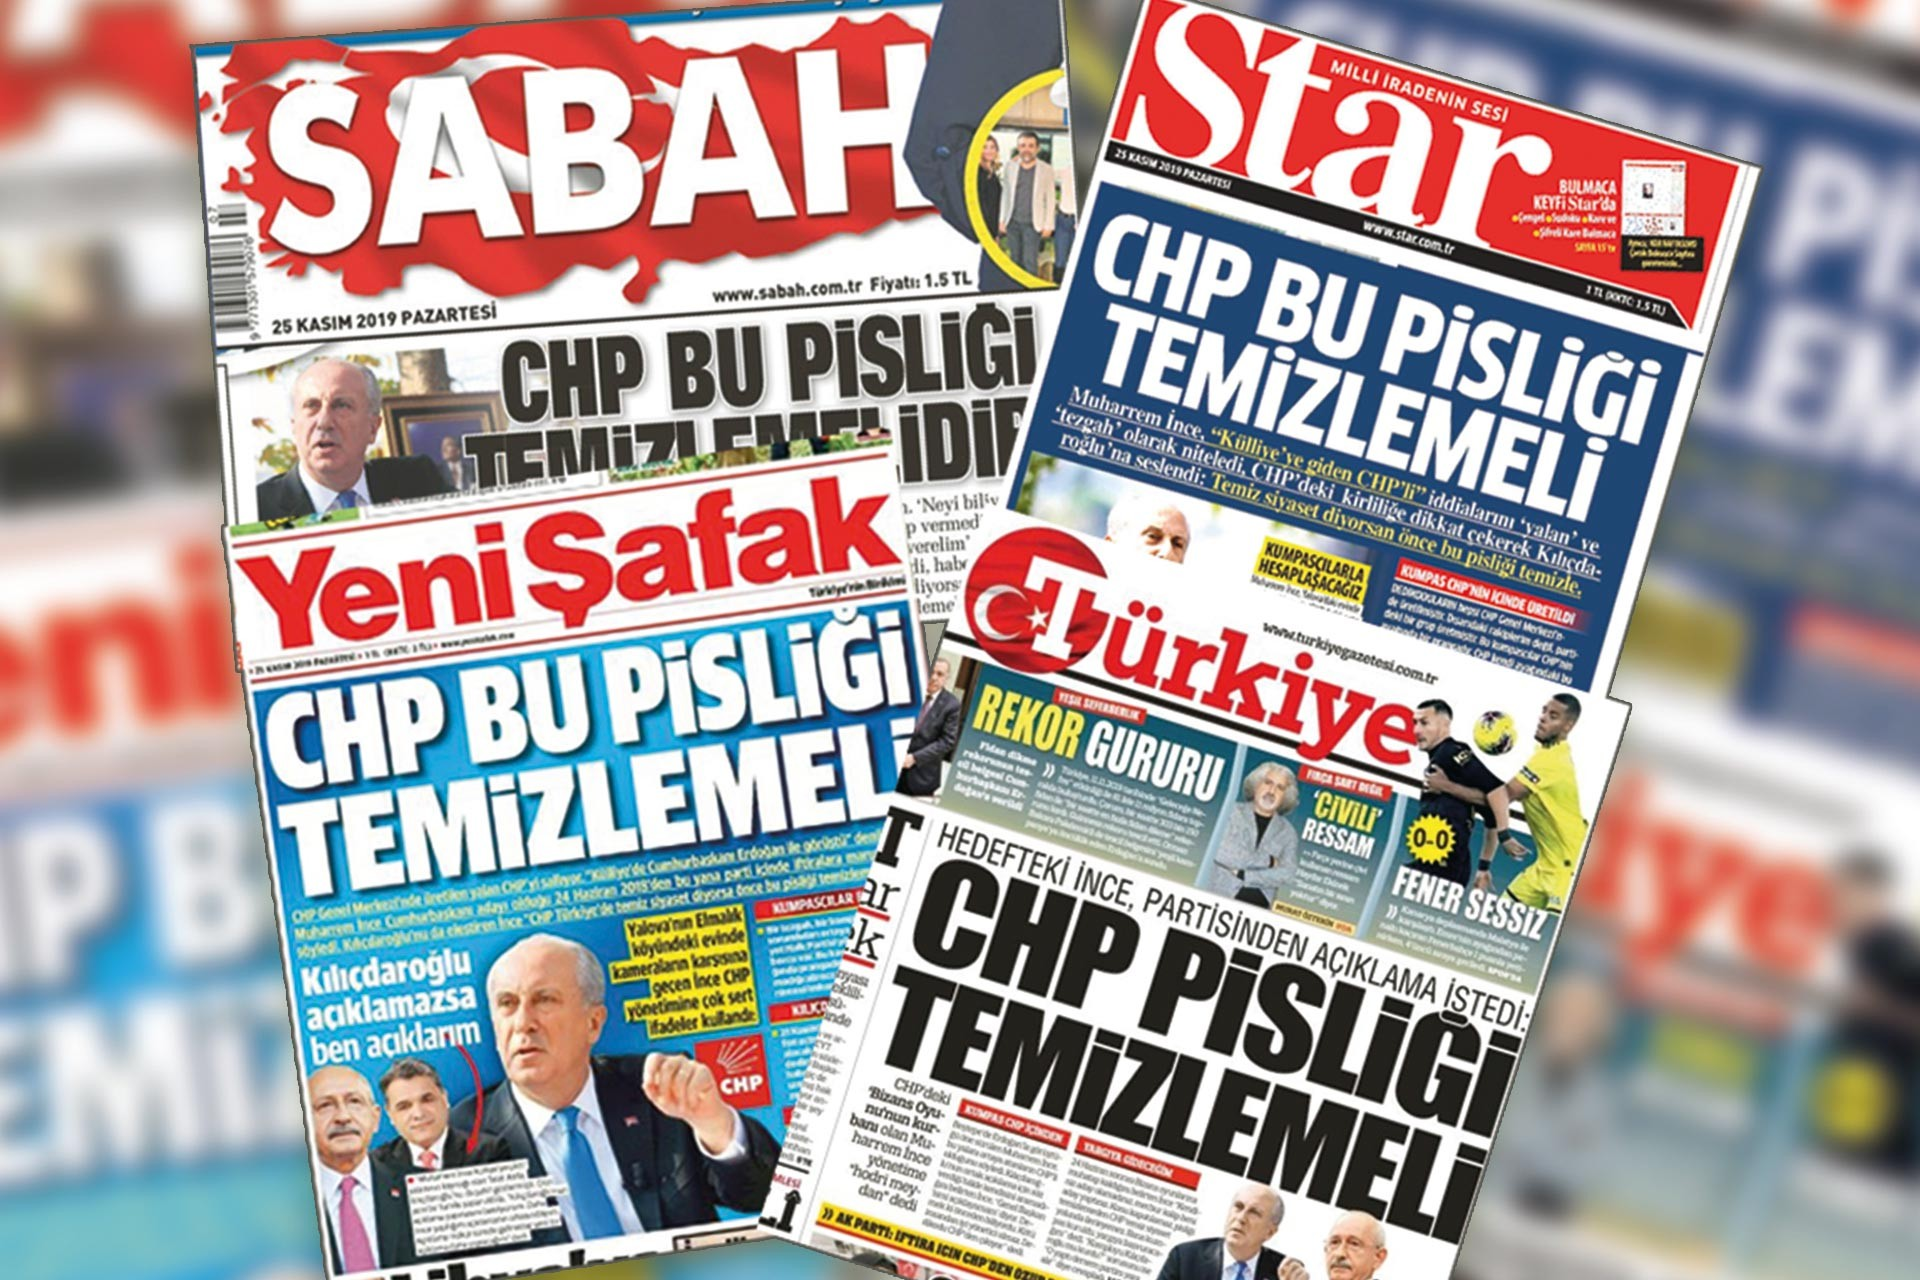 Sabah, Star, Yeni Şafak ve Türkiye gazetelerinin 25 Kasım 2019 tarihli nüshaları